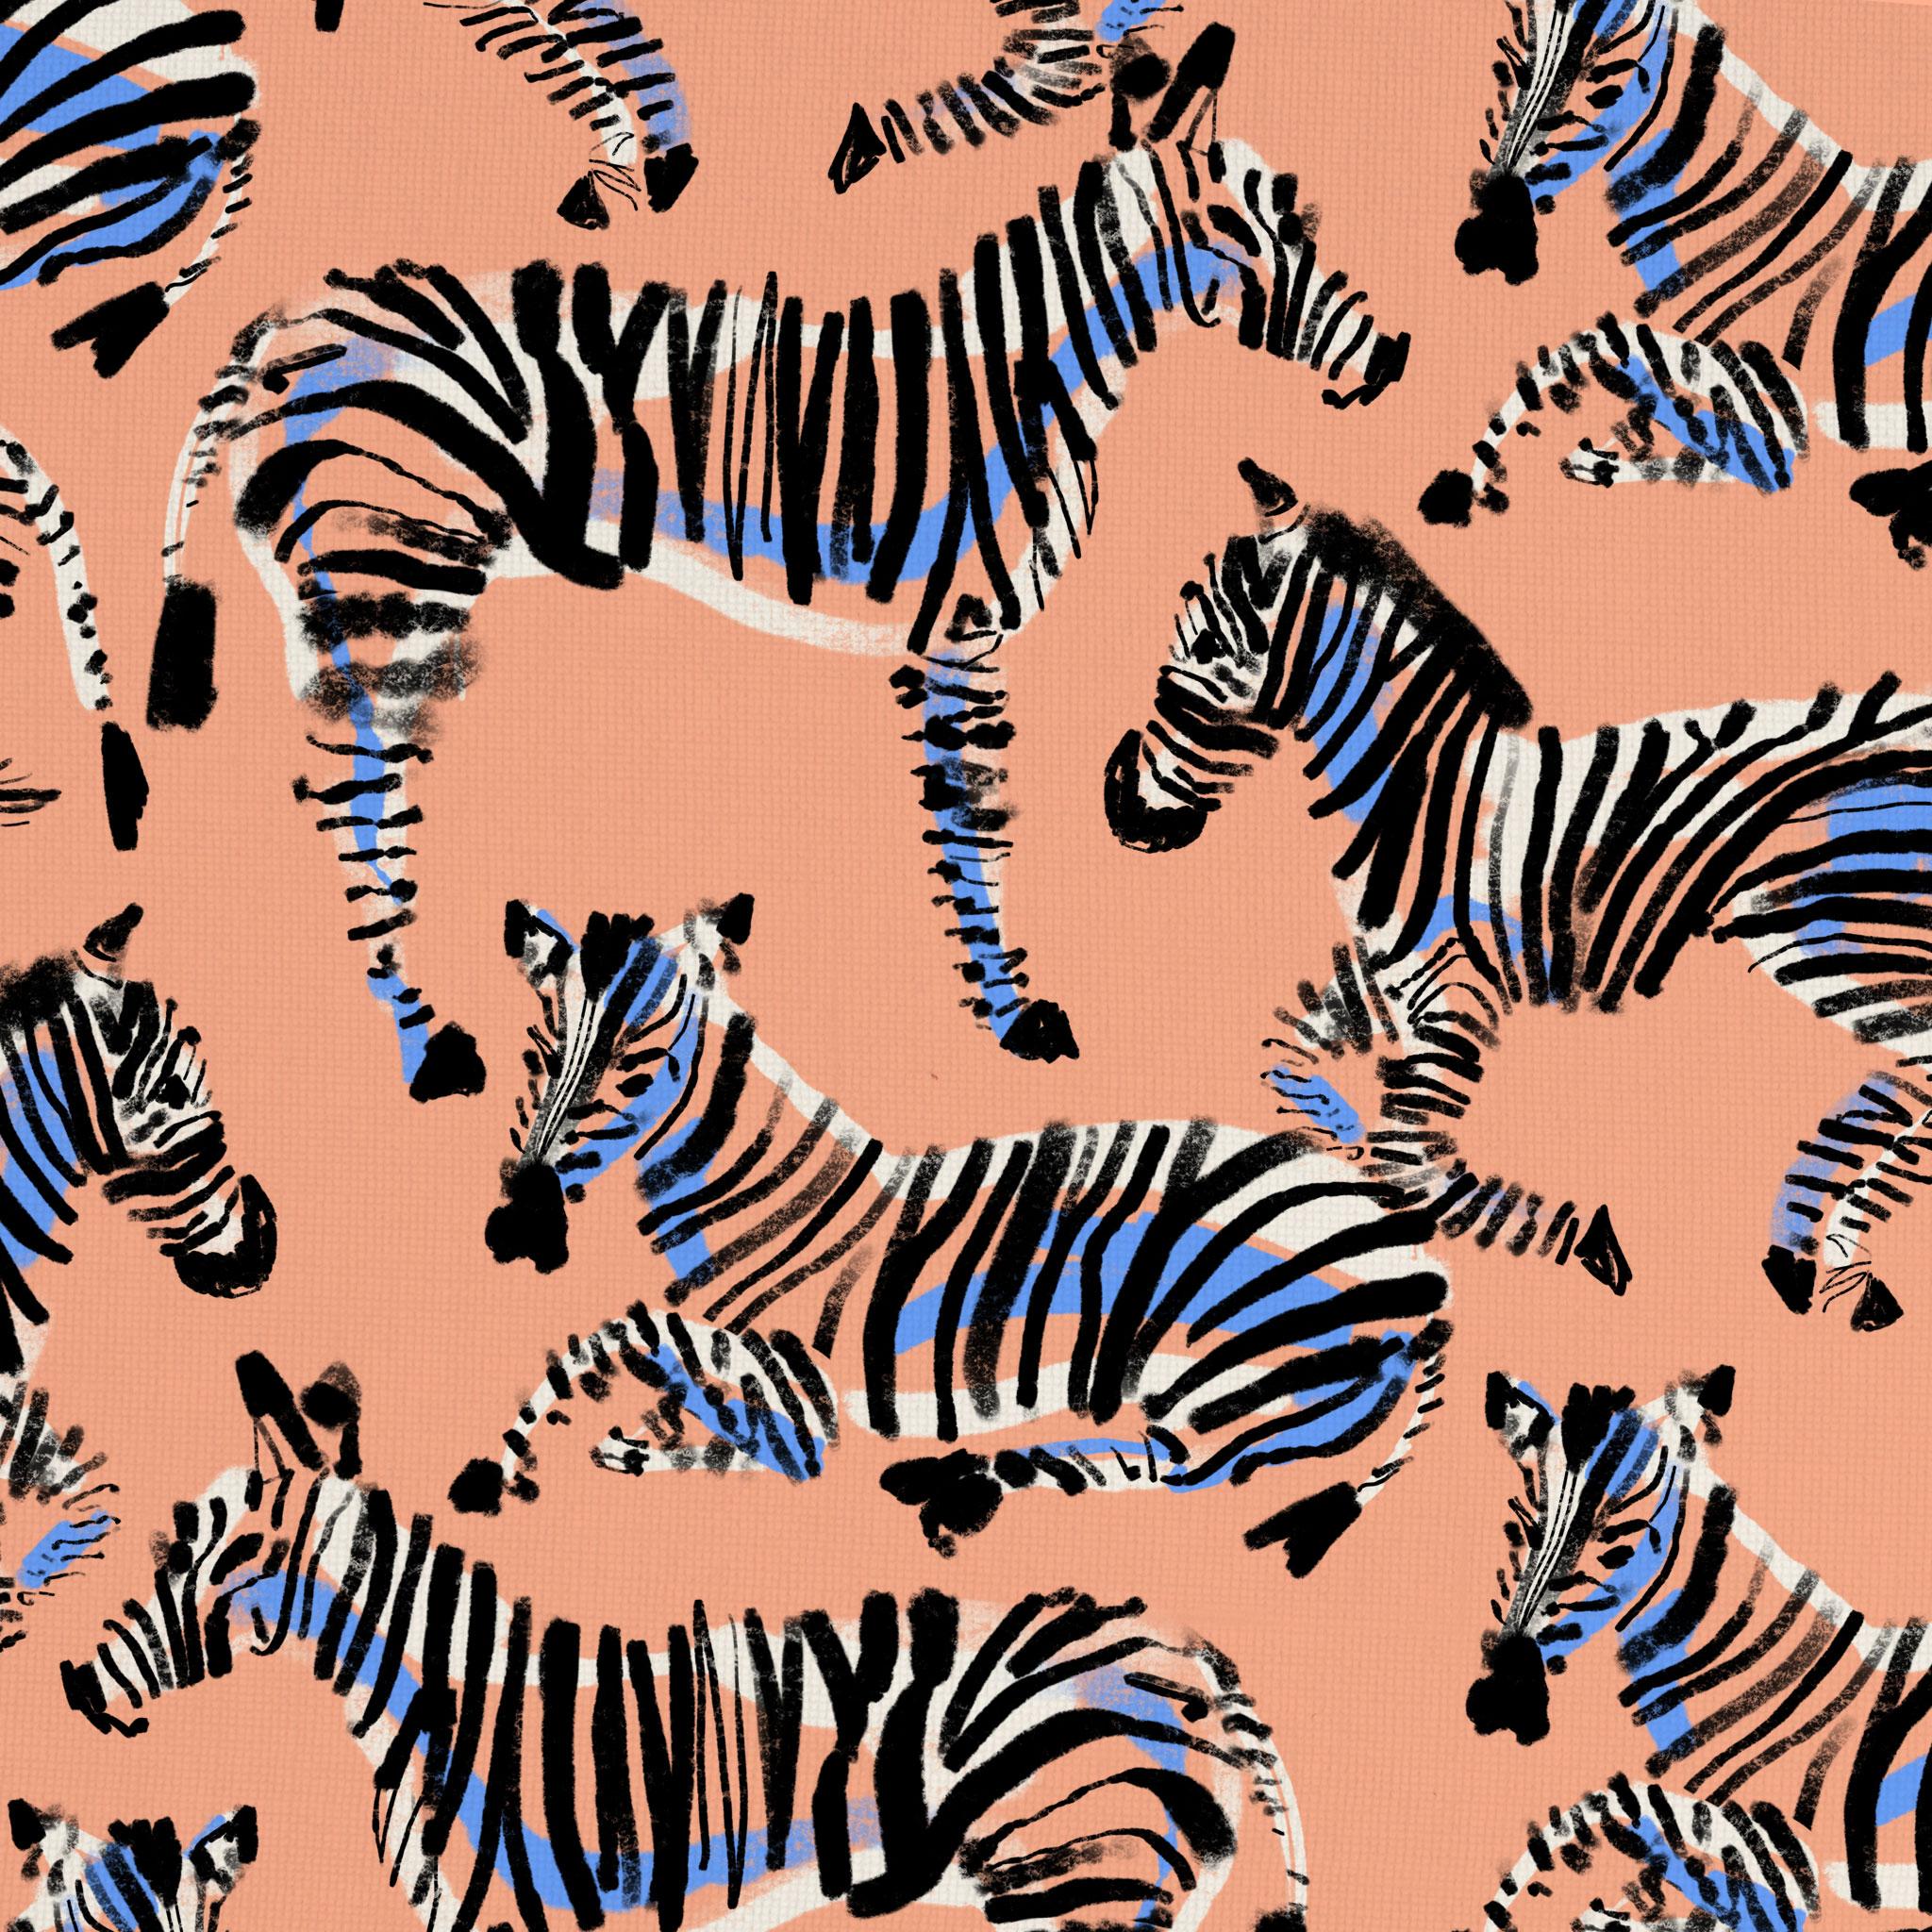 AliMac_Zebras.jpg